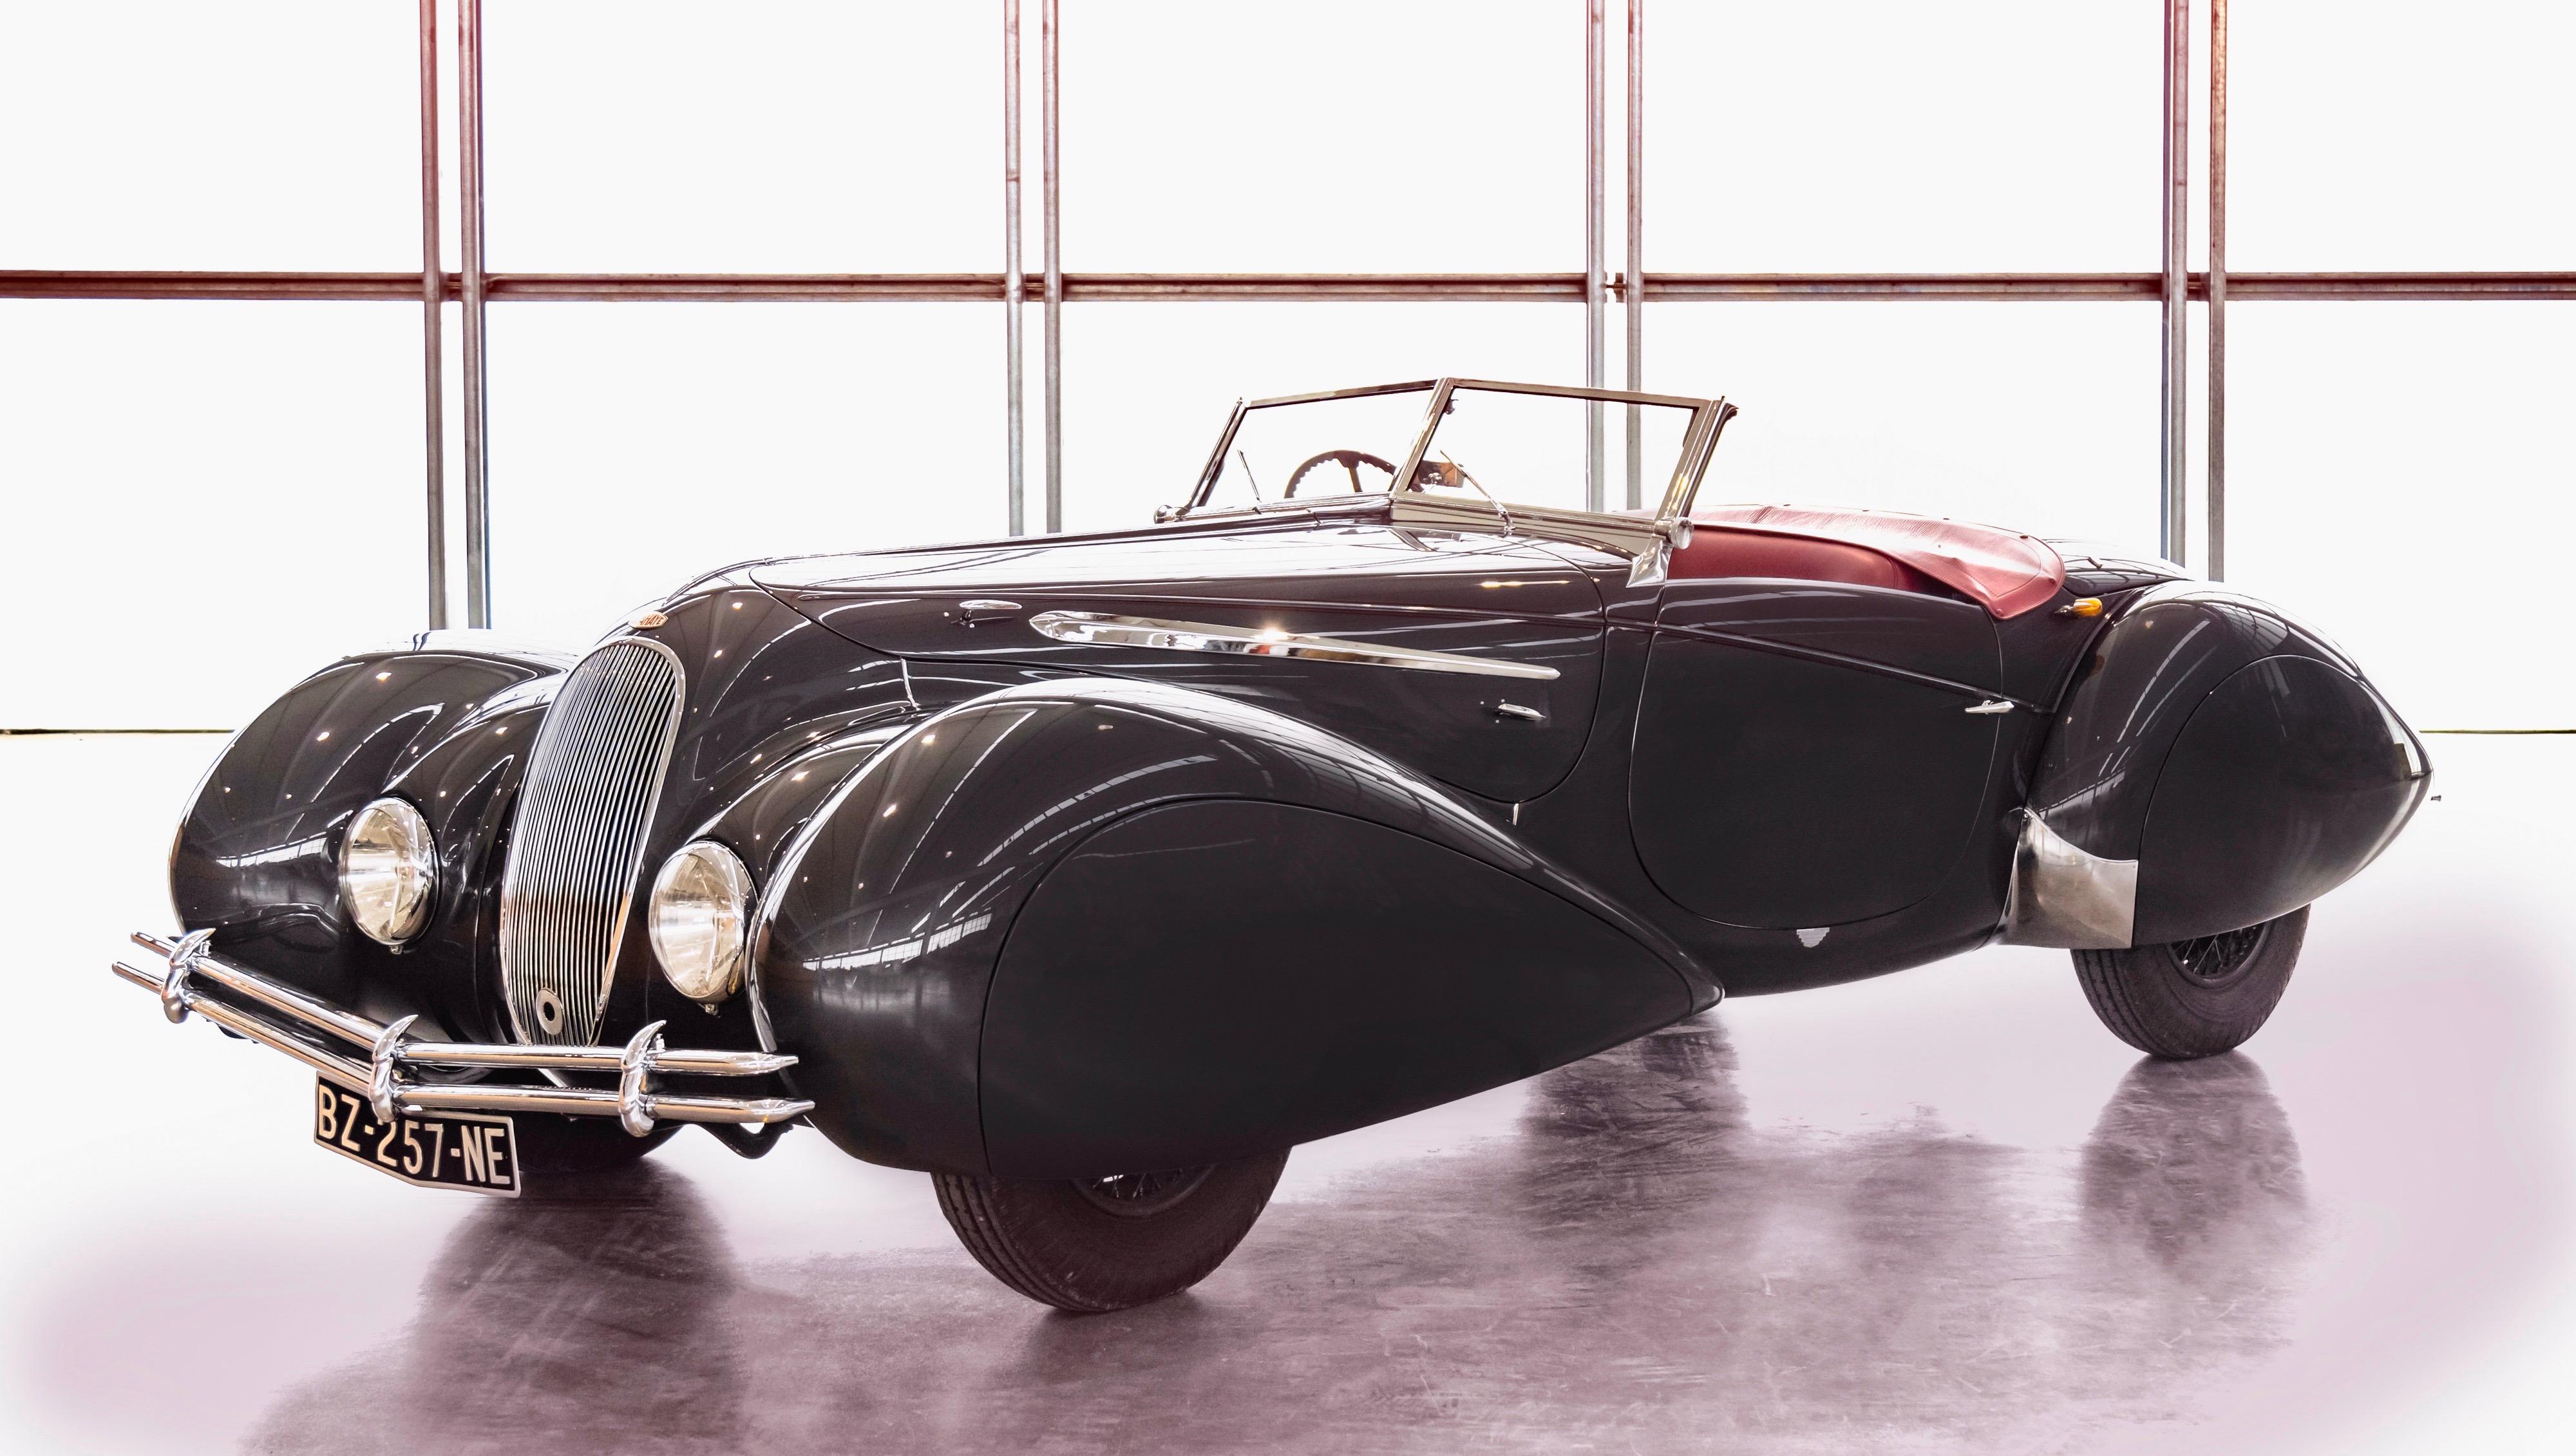 Paris auction, Trio of Dayez Collection Delahayes joins RM Sotheby's Paris docket, ClassicCars.com Journal